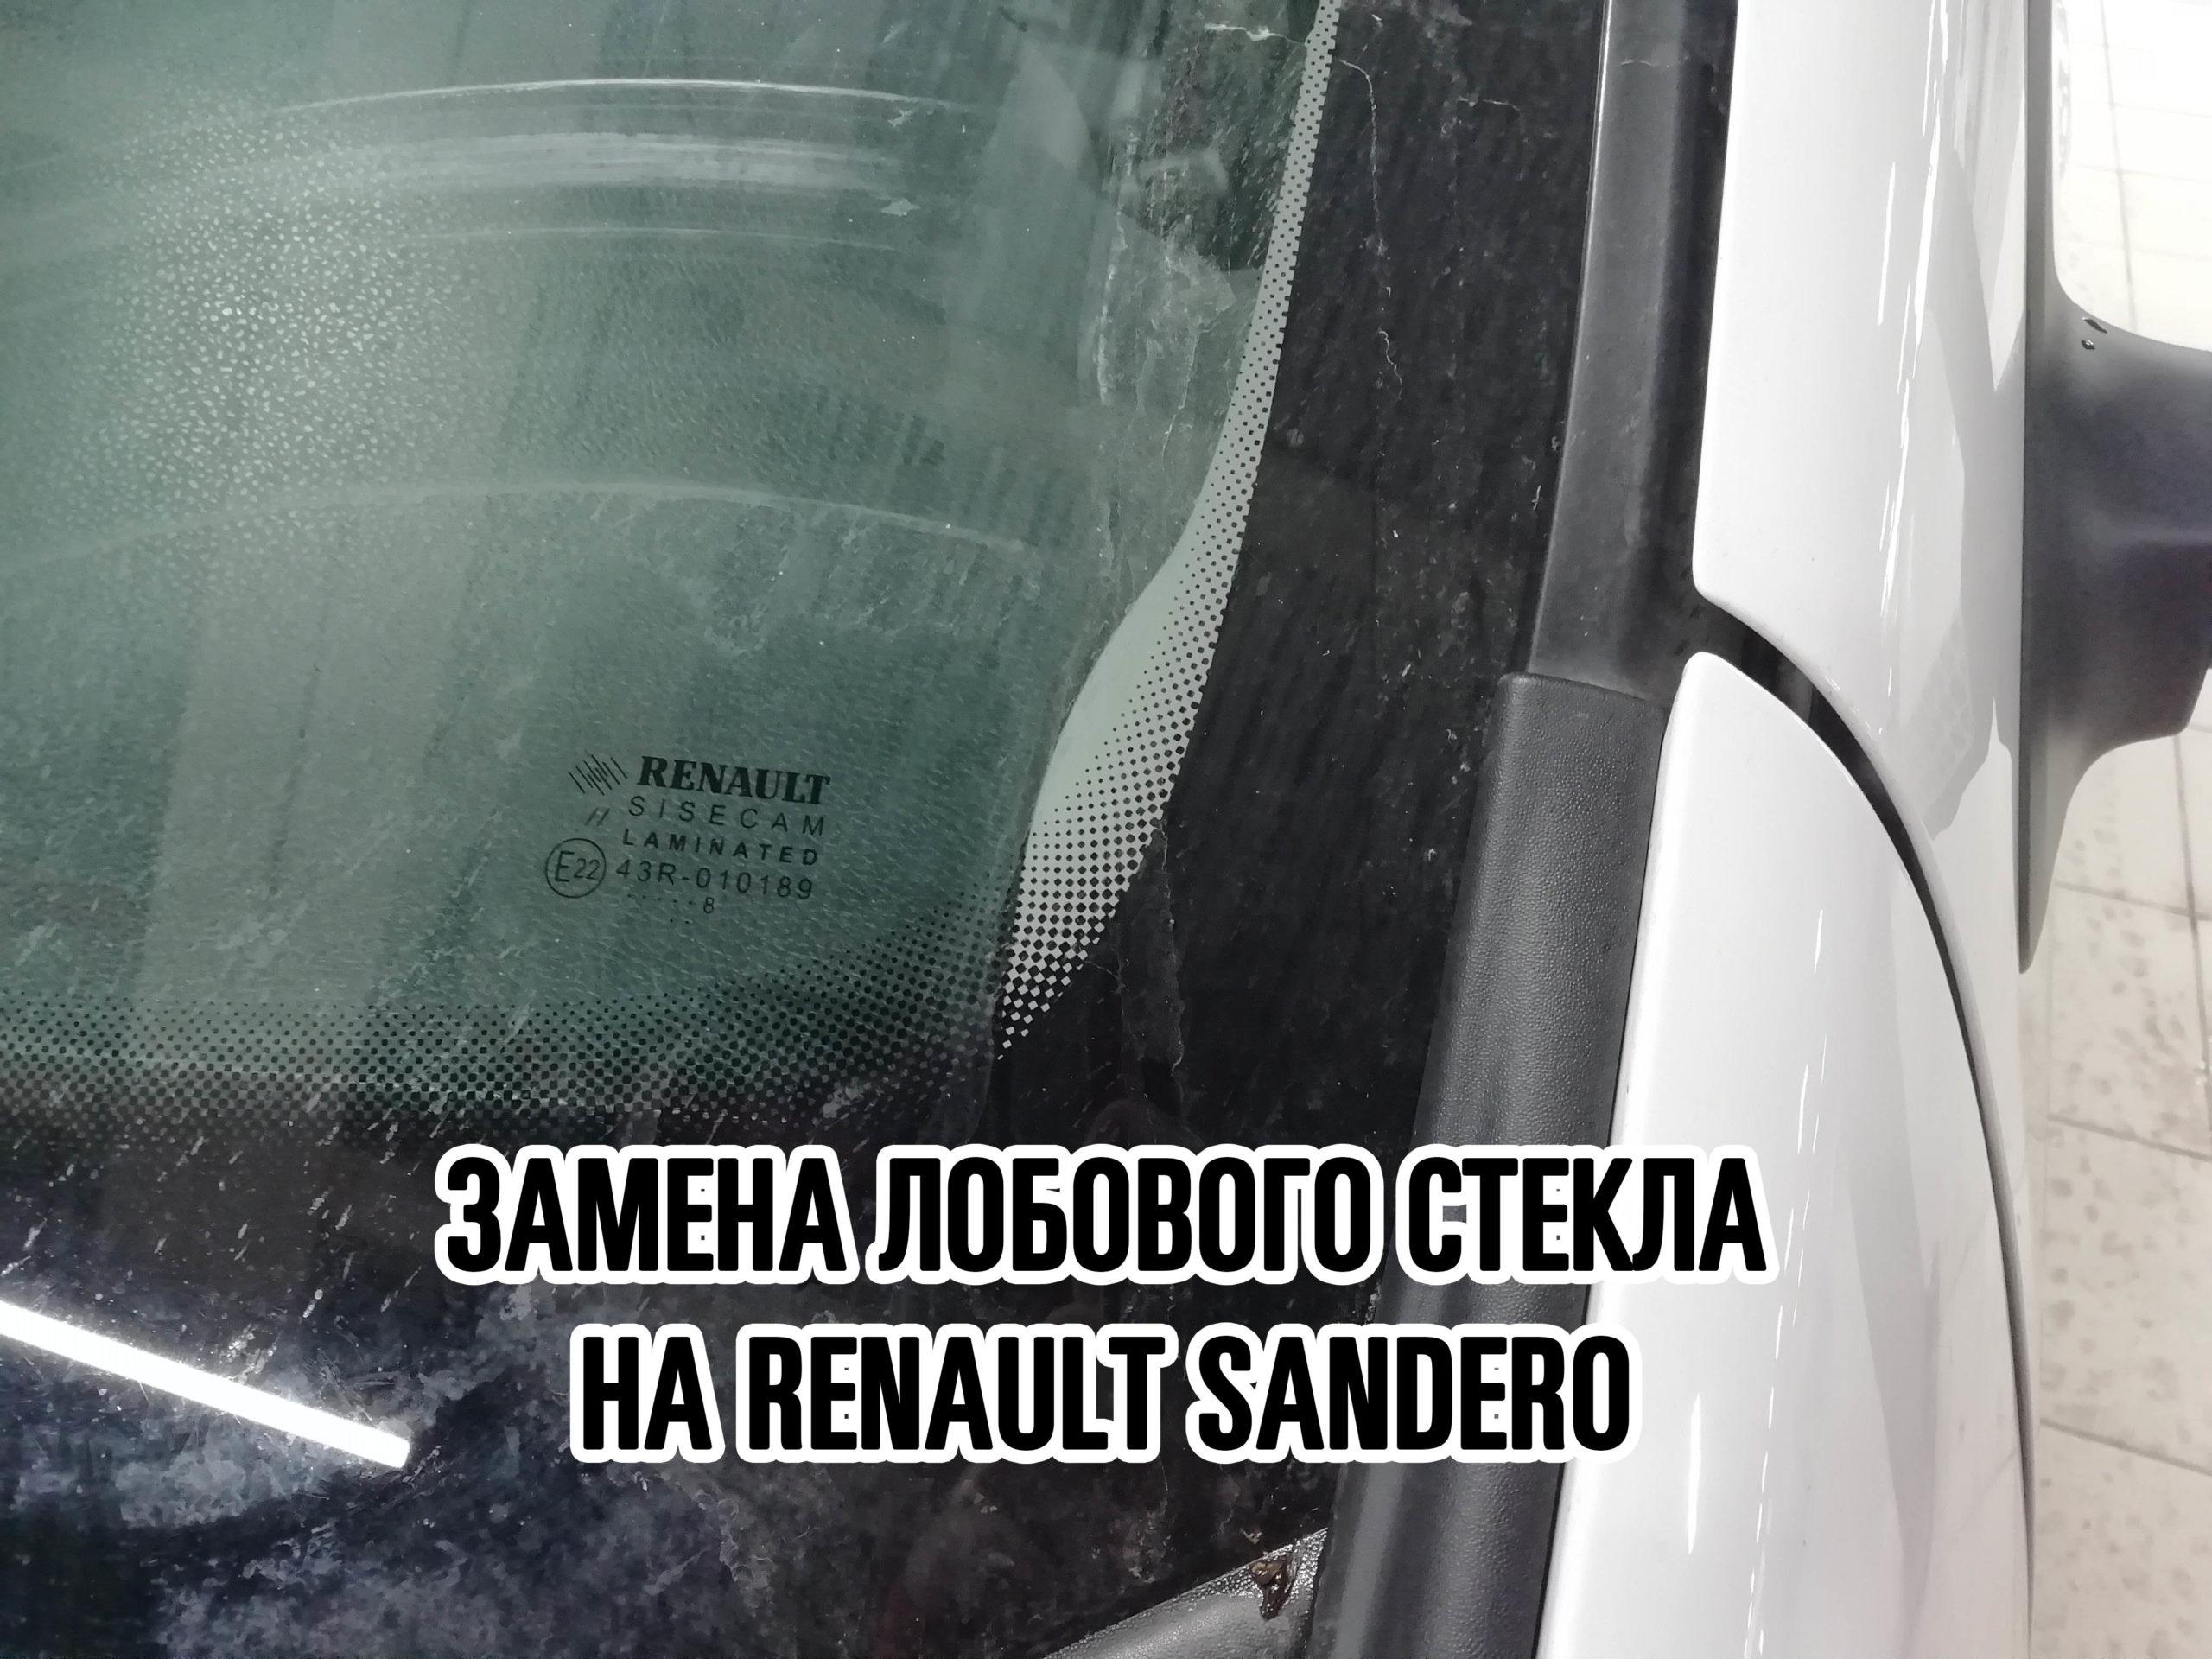 Лобовое стекло на Renault Sandero купить и установить в Москве